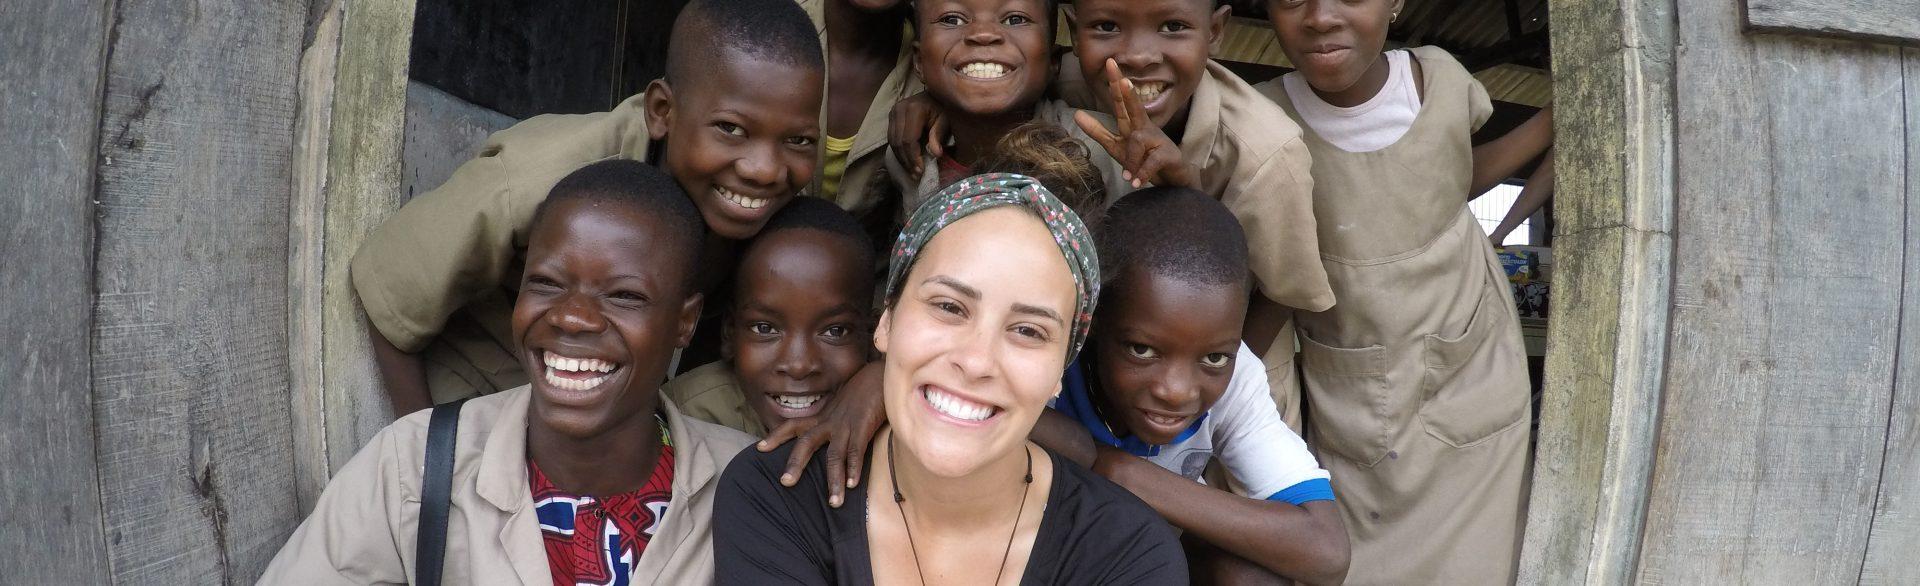 Offre de stage rémunéré – Soutien logistique et académique dans un orphelinat au Bénin